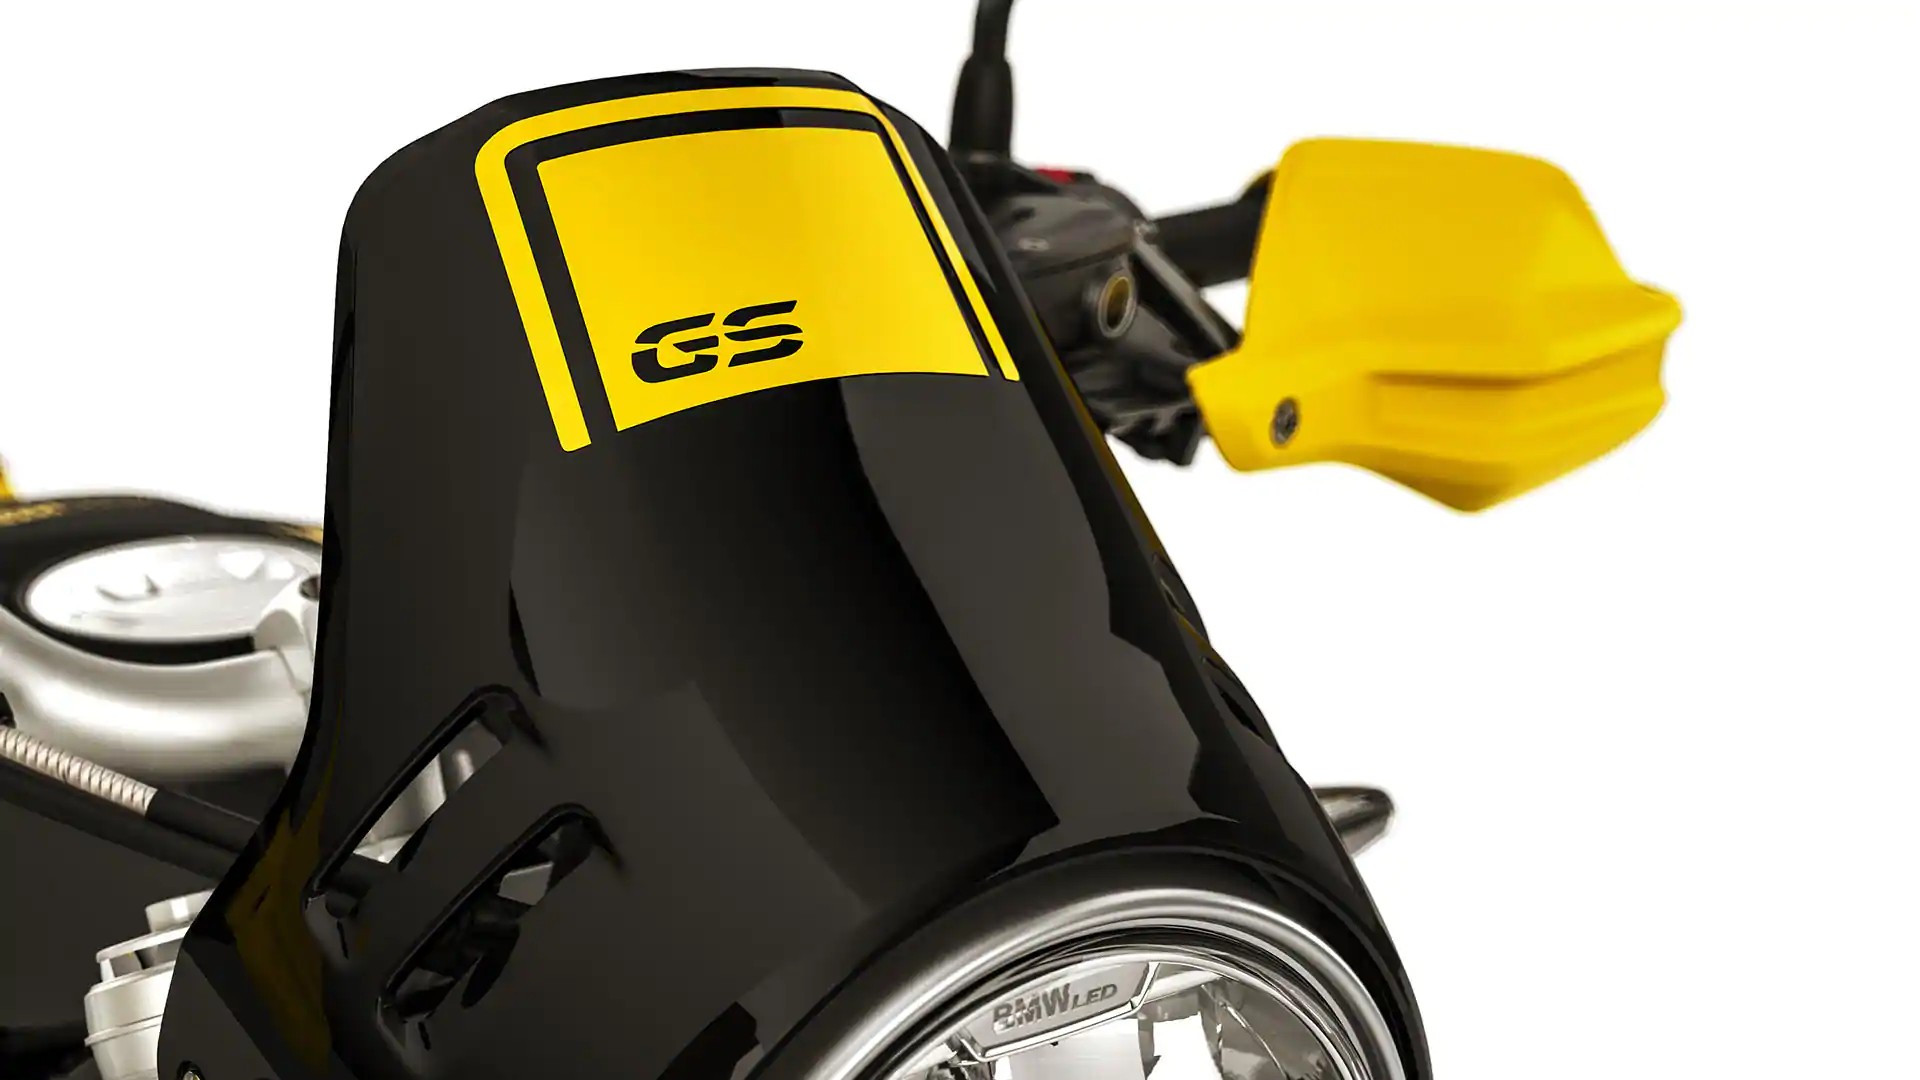 Ветрозащитный щиток с логотипом GS